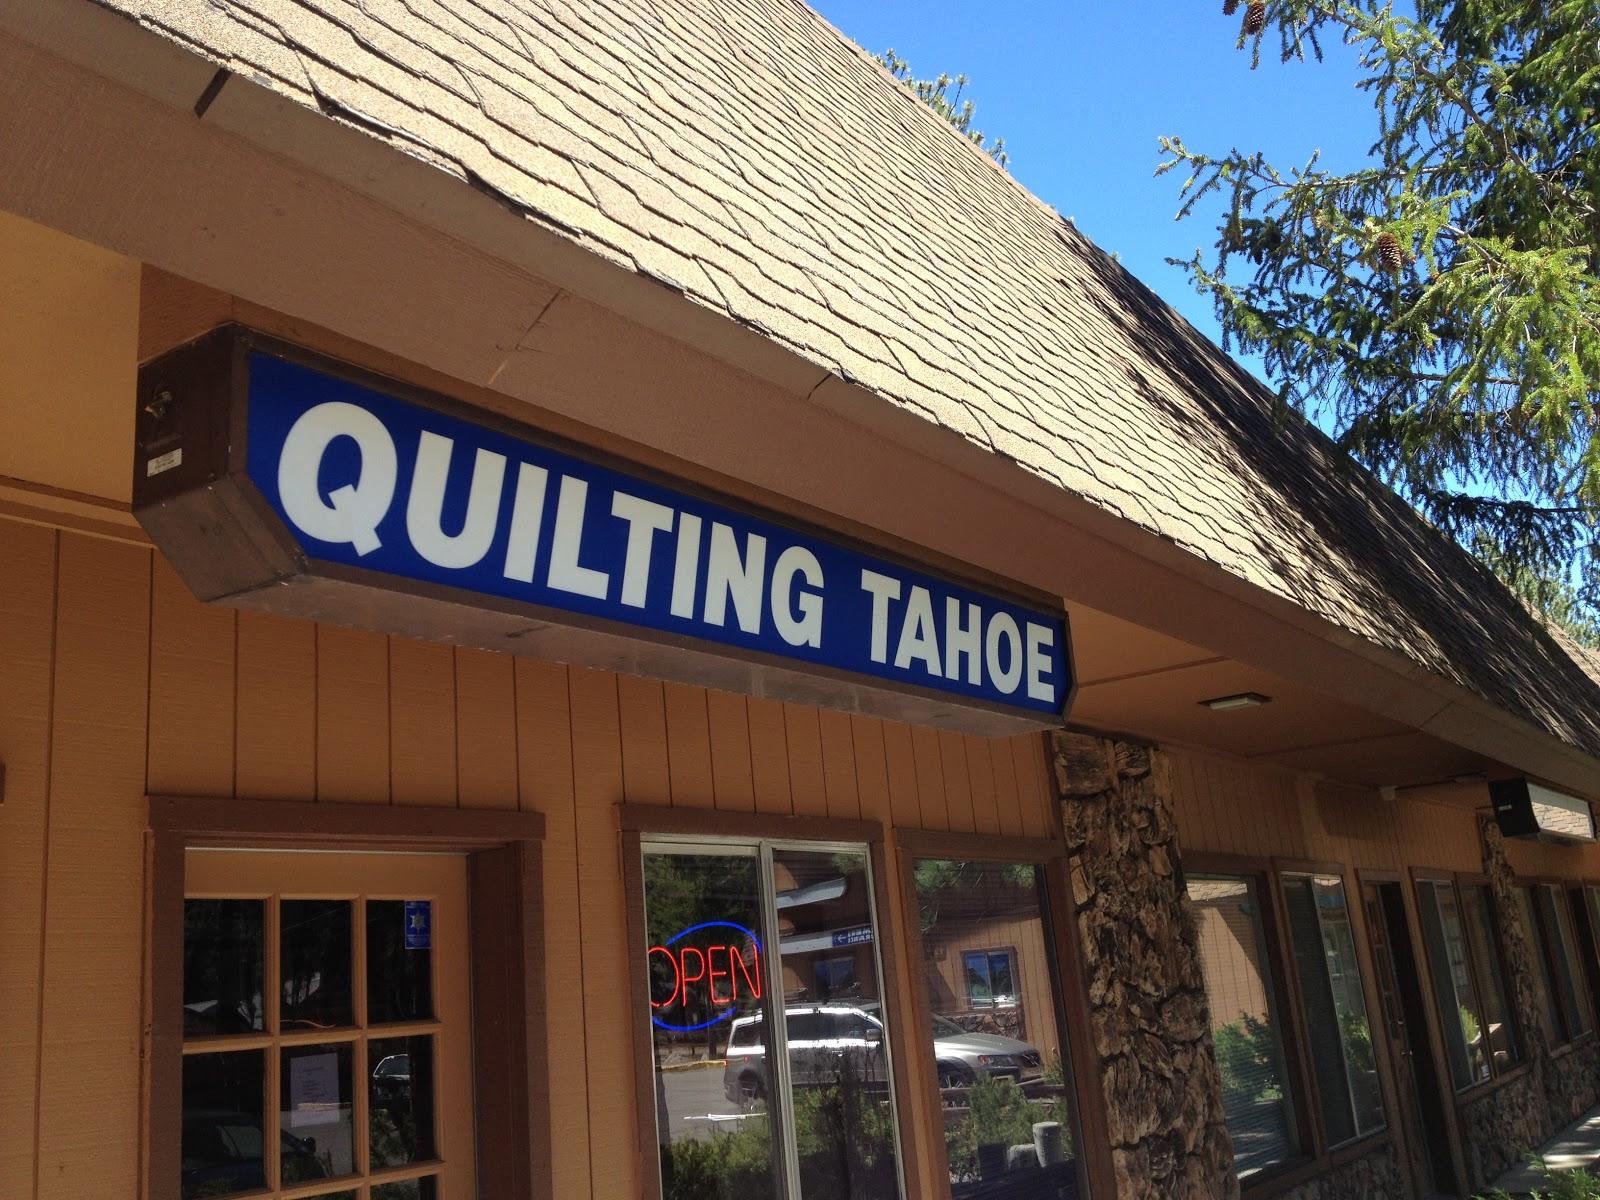 Quilting Tahoe